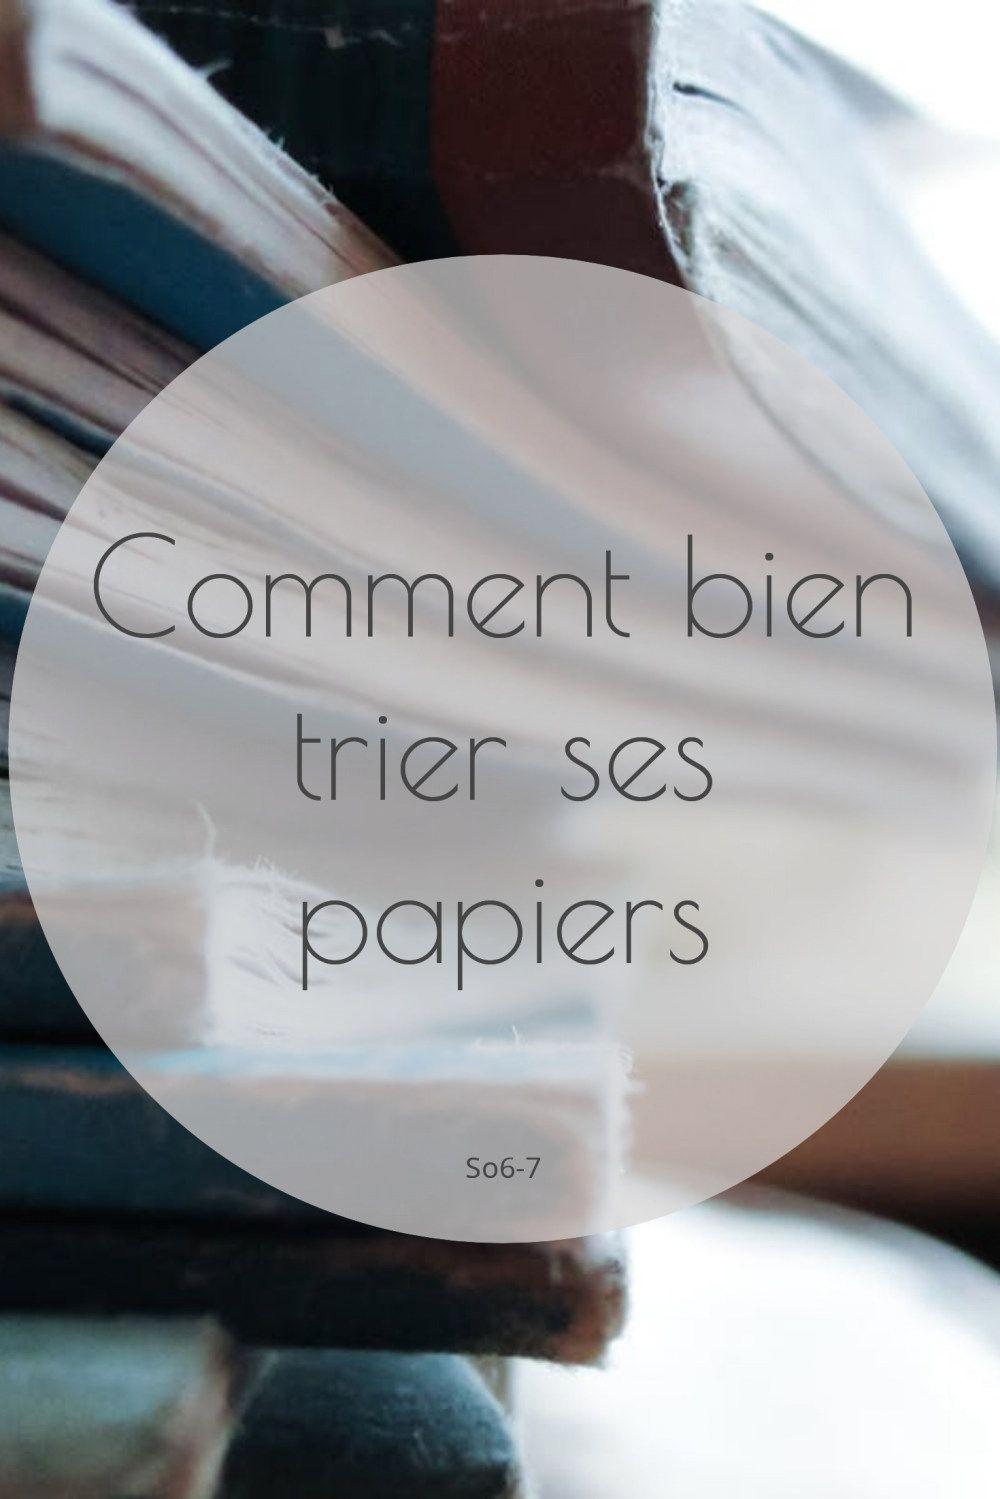 comment bien trier ses papiers | so6-7 | blog | s'organiser